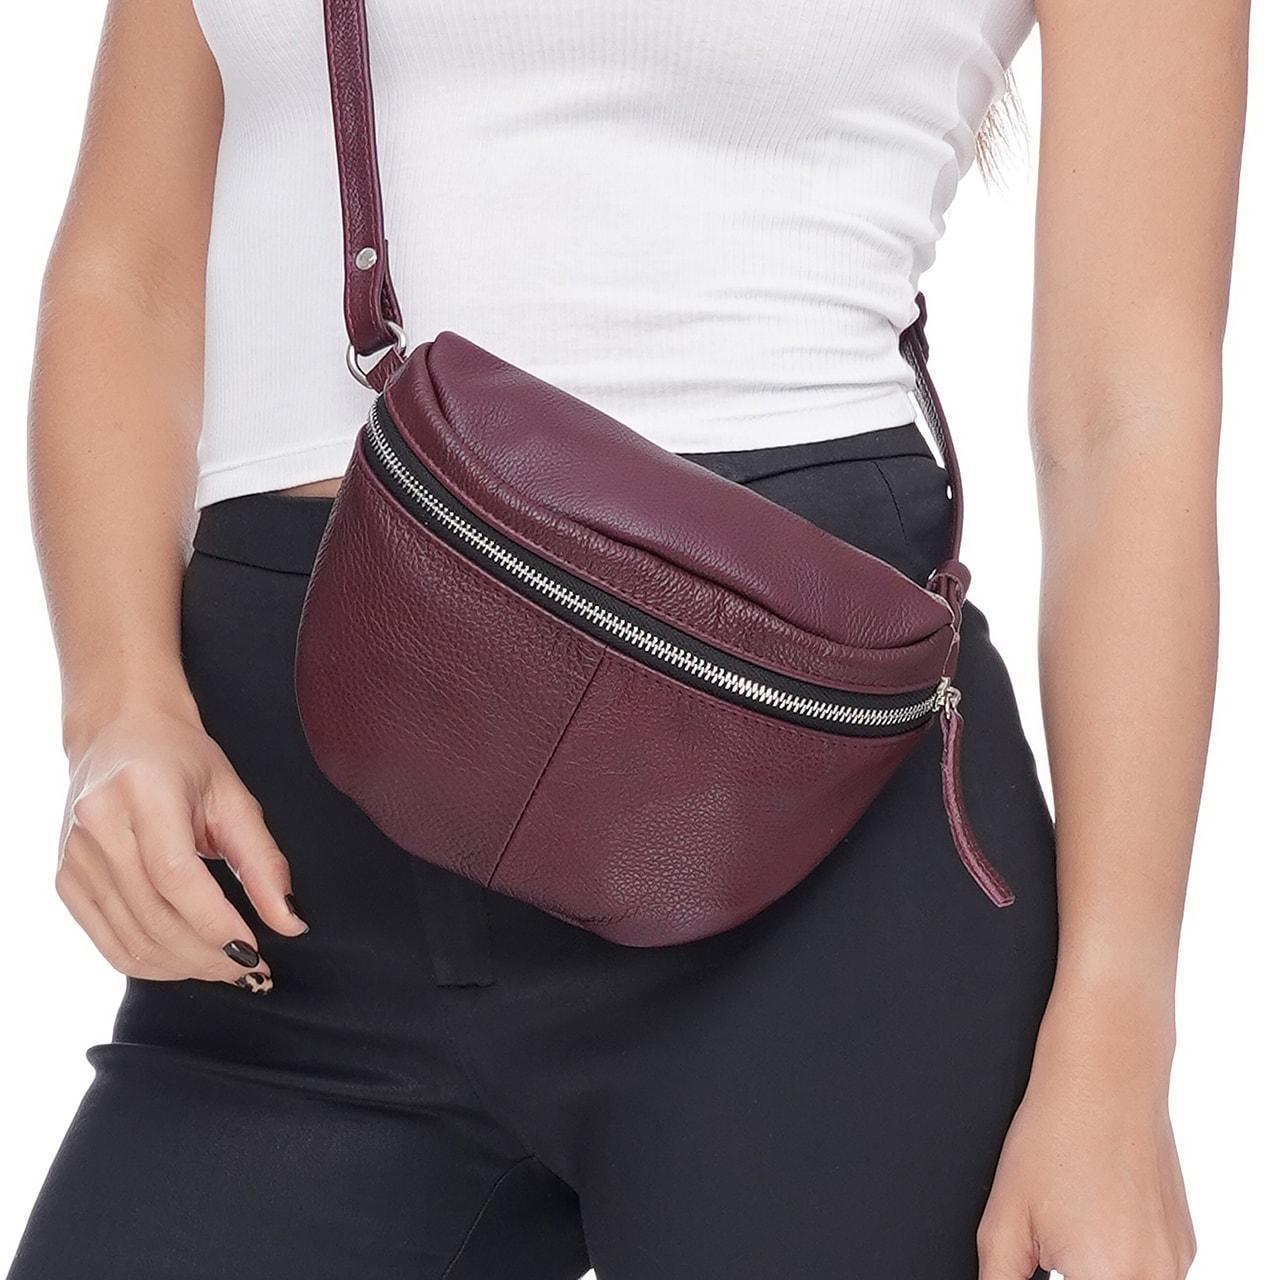 Кожаная женская сумка Modern (с подкладкой), цвет Бордо